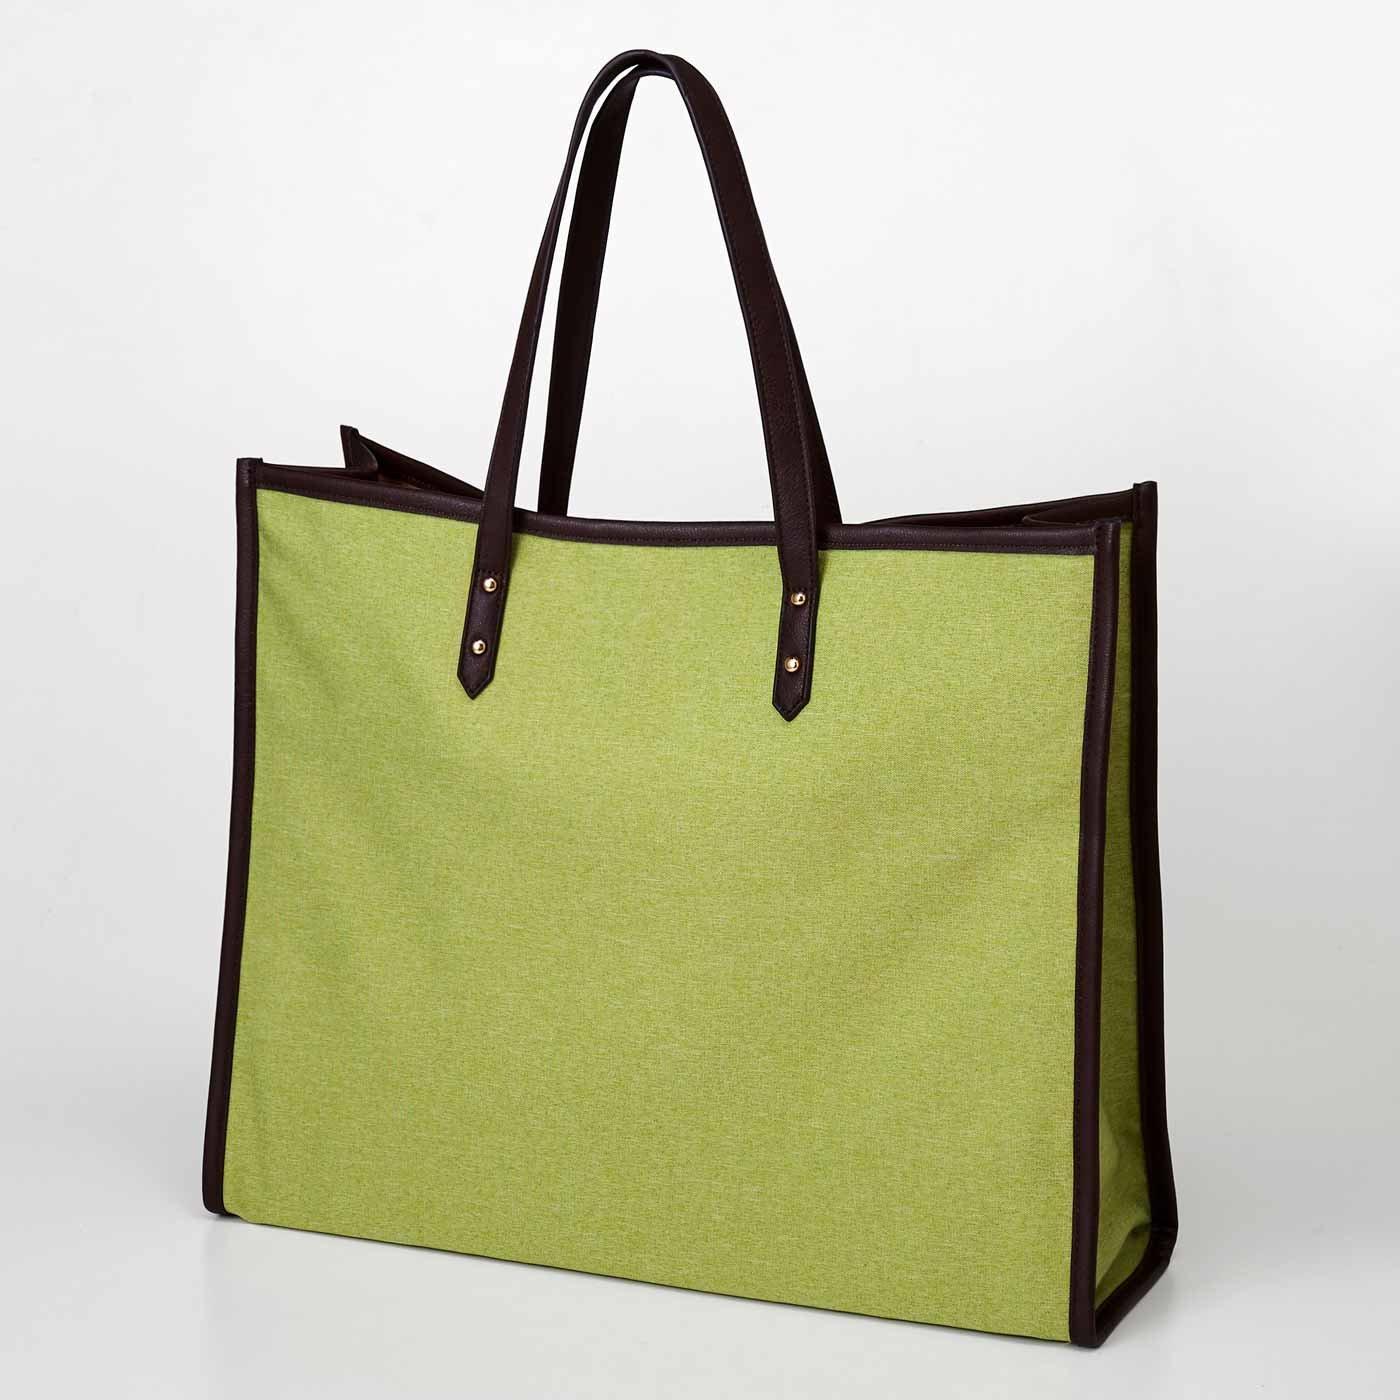 OSYAIRO ジャンボうちわが入るパイピングトートバッグ〈グリーン〉